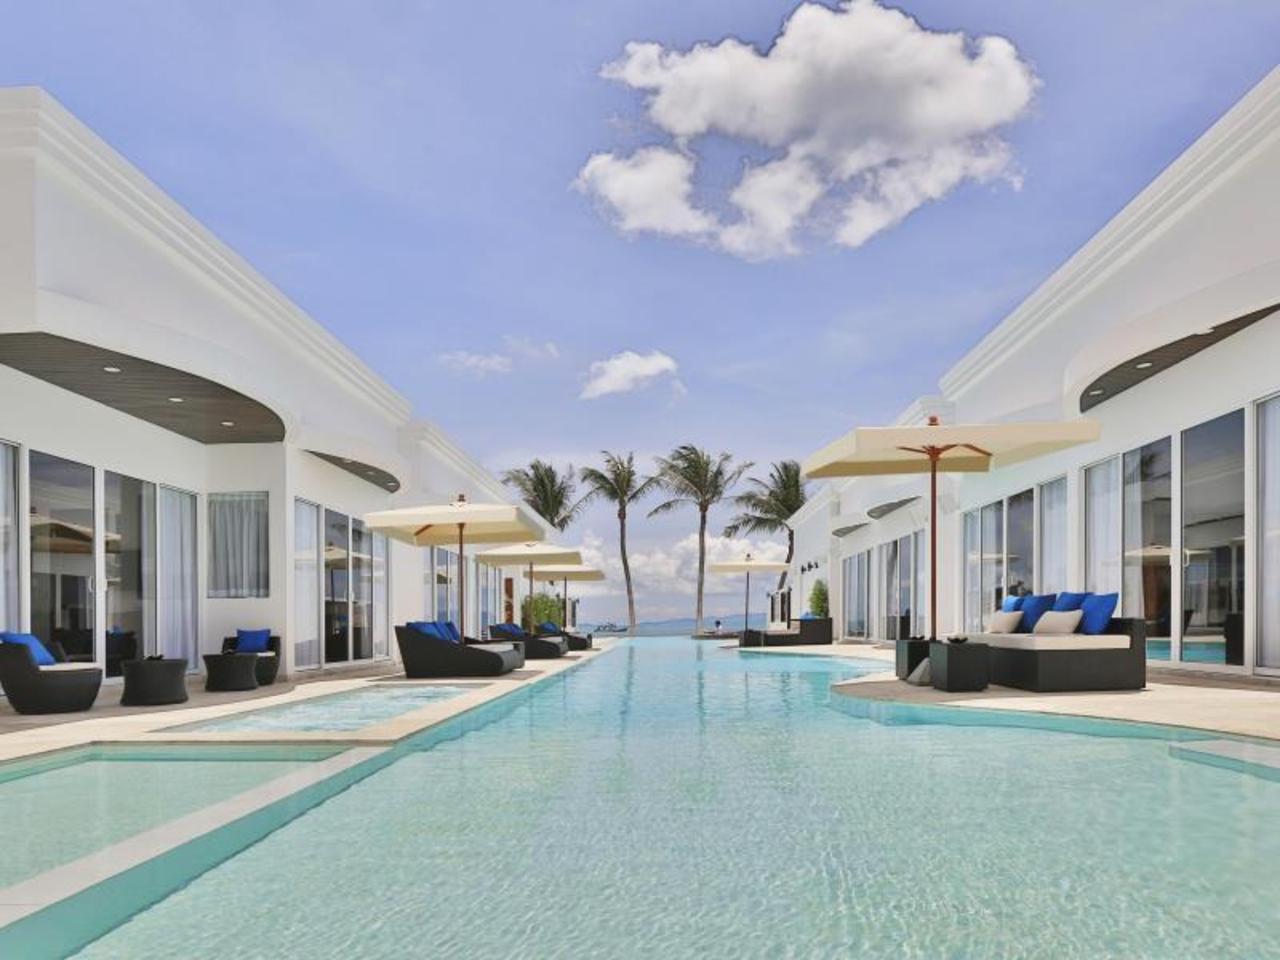 โรงแรมเดอะ พริวิเลจ เอซรา บีช คลับ (The Privilege Hotel Ezra Beach Club)